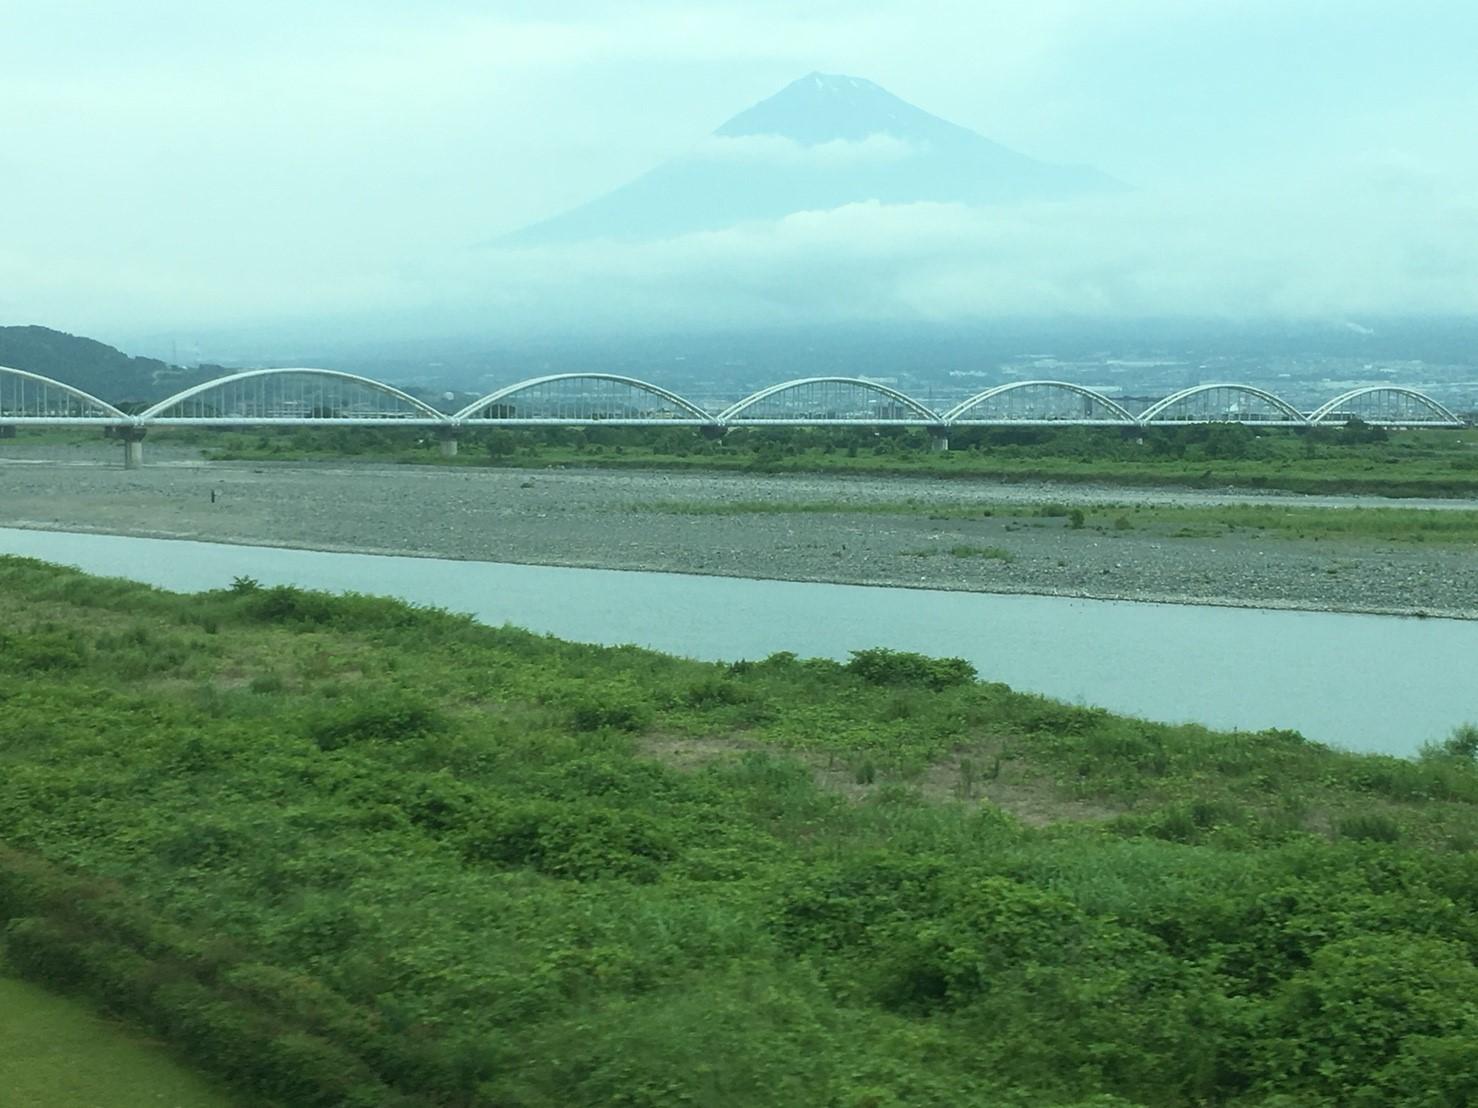 富士山ビューシリーズ 2018/5/29 今朝の新幹線からの富士山_b0011584_10020512.jpg